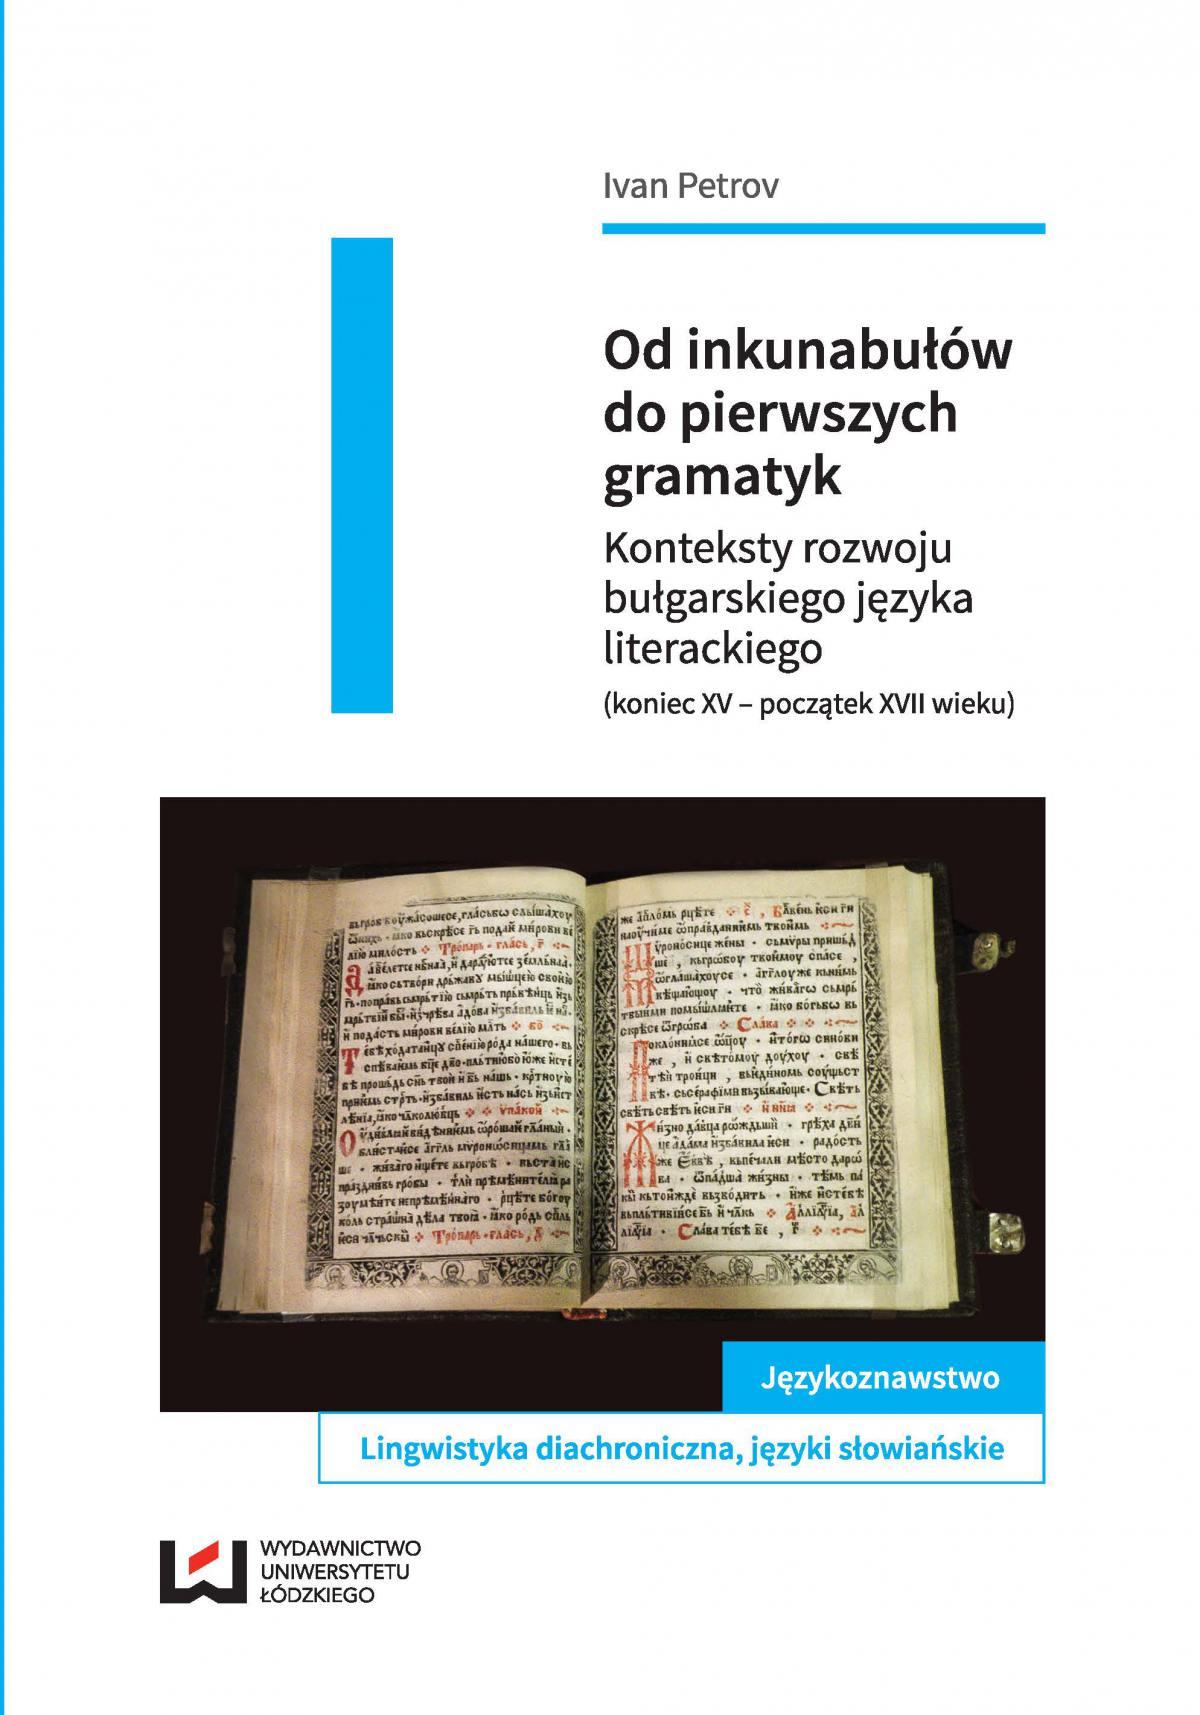 Od inkunabułów do pierwszych gramatyk. Konteksty rozwoju bułgarskiego języka literackiego (koniec XV – początek XVII wieku) - Ebook (Książka PDF) do pobrania w formacie PDF